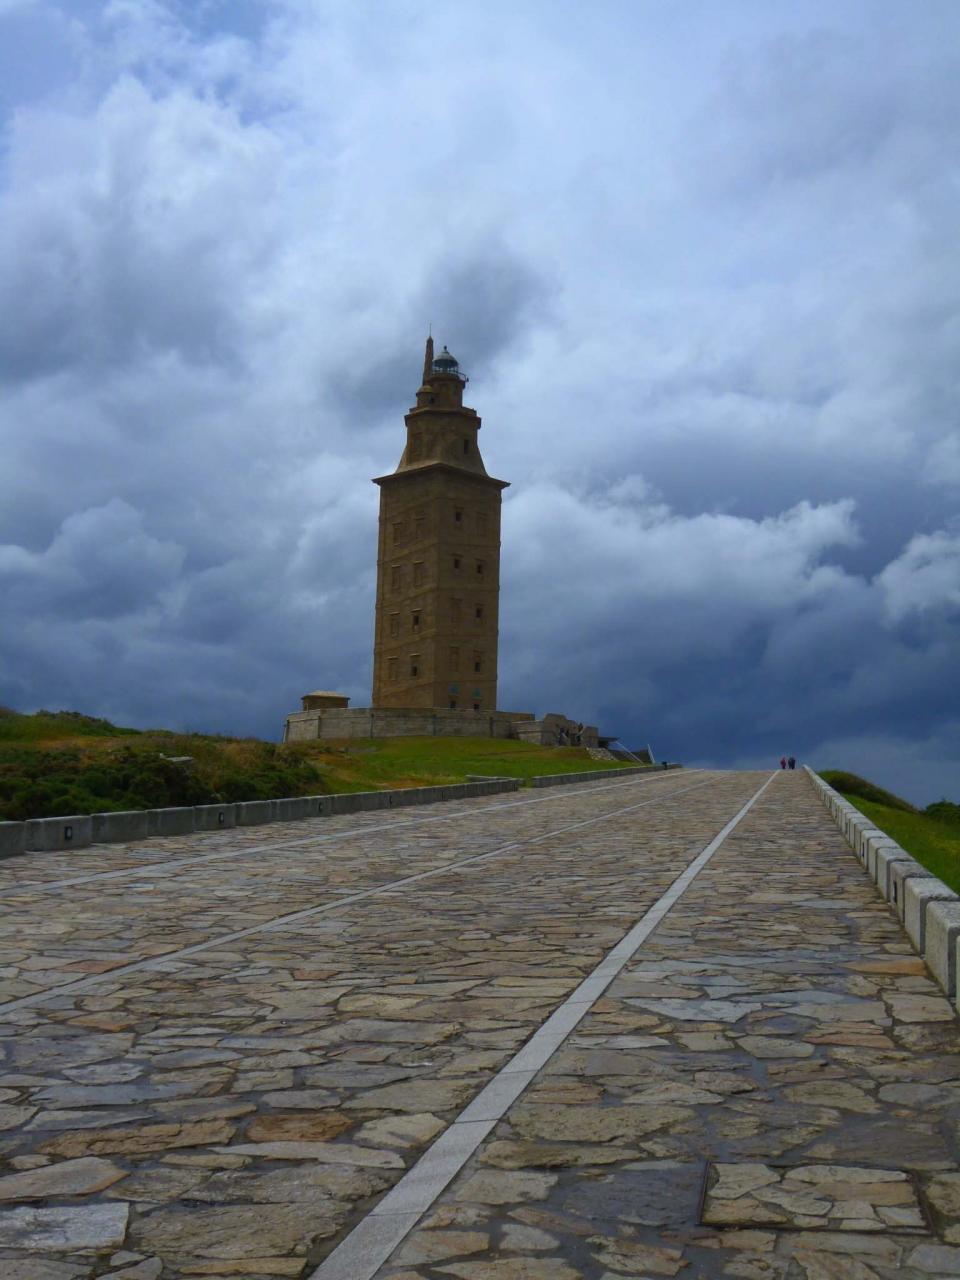 ヘラクレスの塔の画像 p1_39